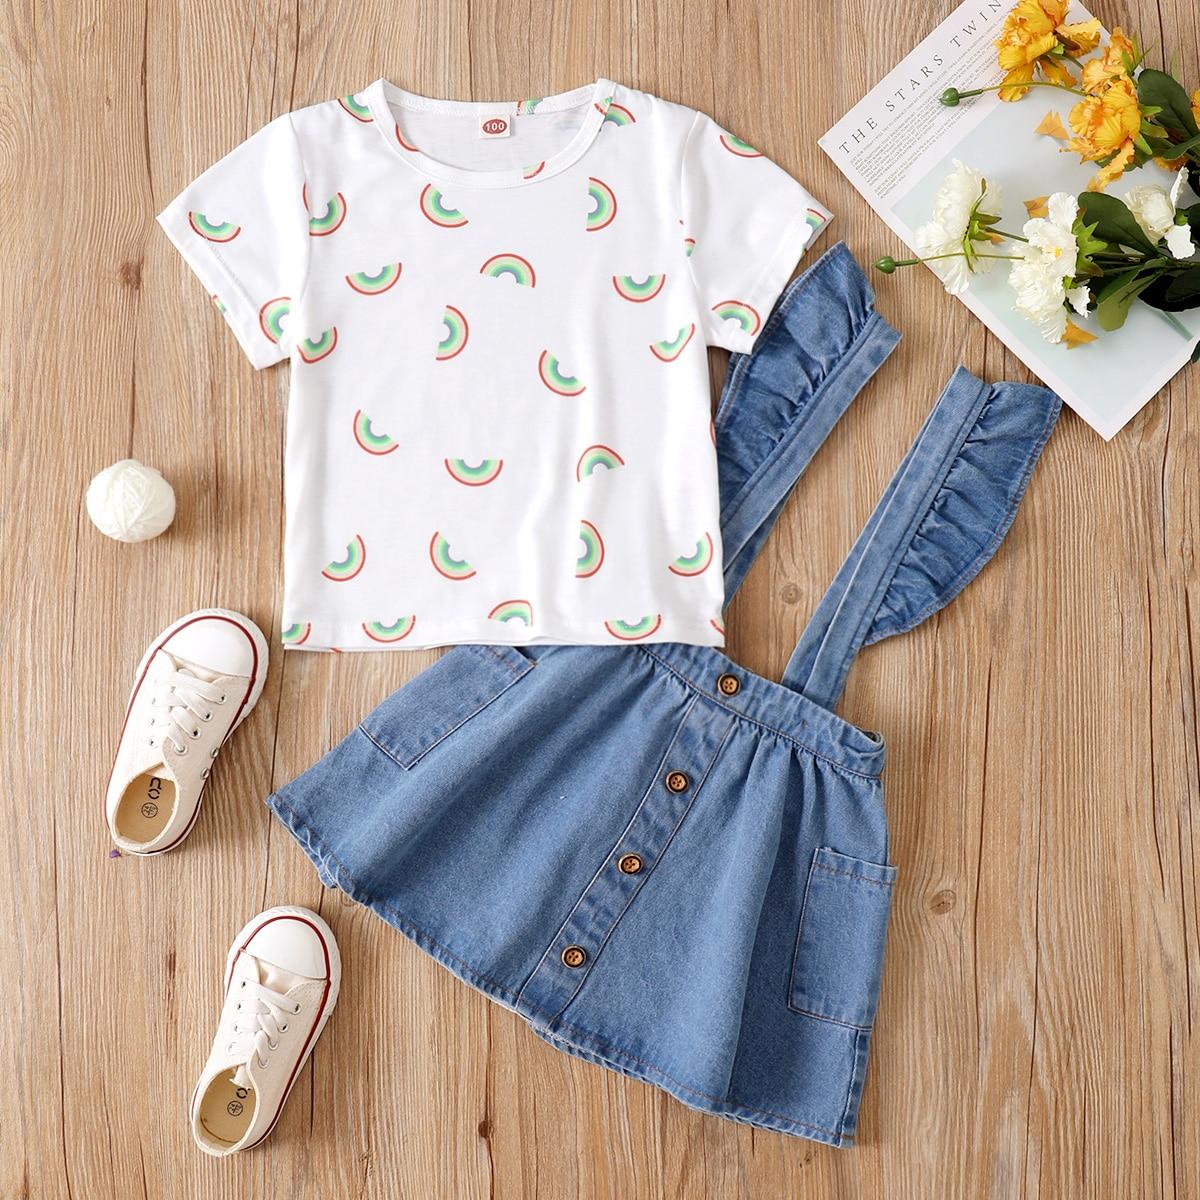 Toddler Girls Rainbow Print Tee With Ruffle Denim Pinafore Skirt